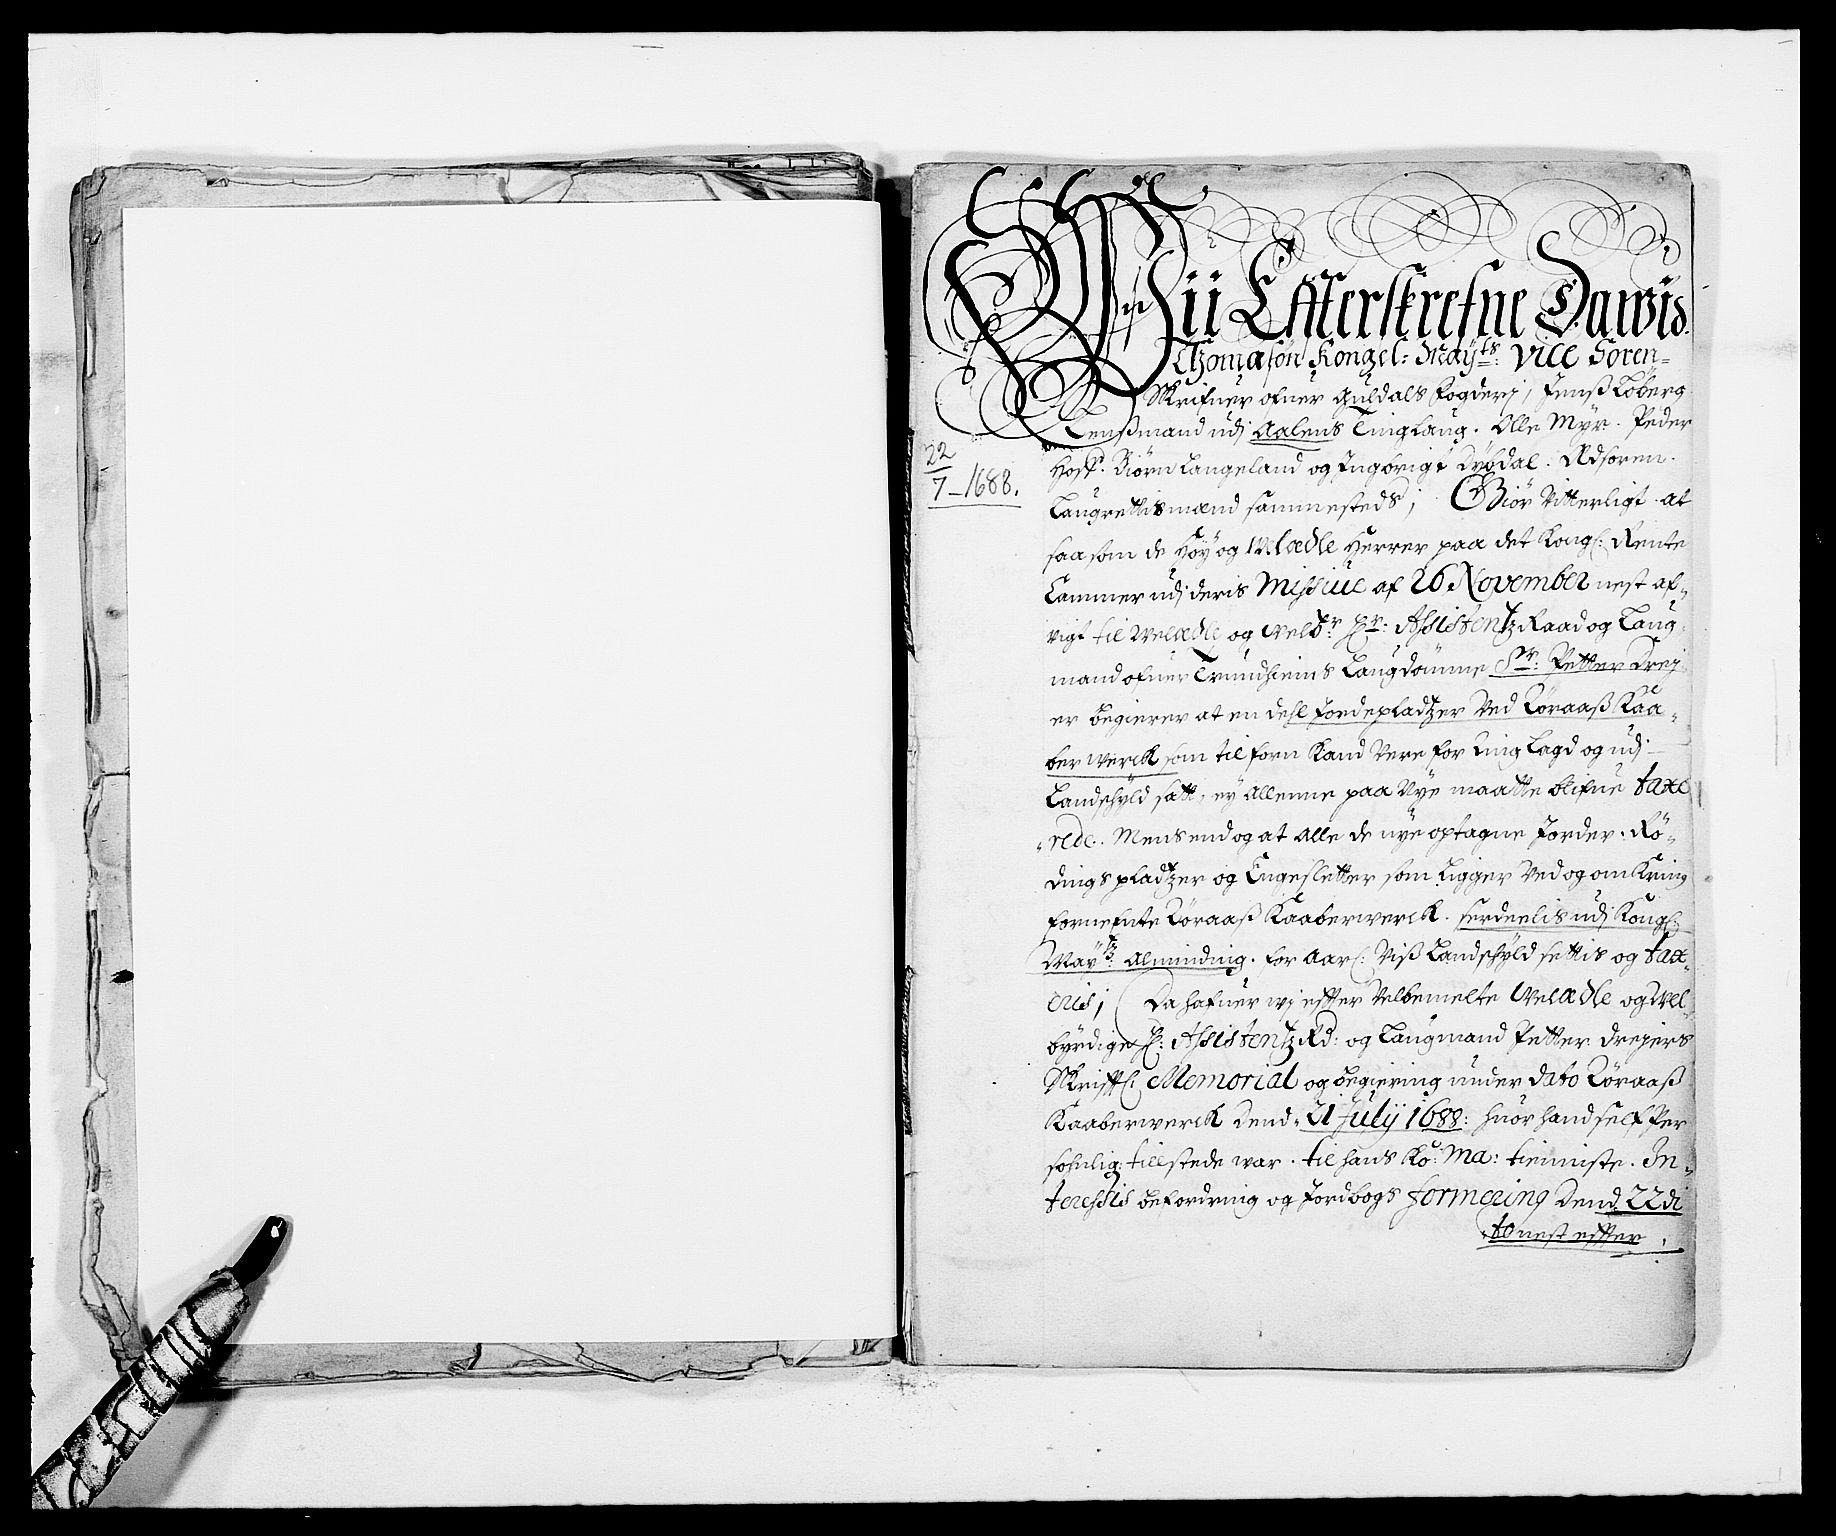 RA, Rentekammeret inntil 1814, Reviderte regnskaper, Fogderegnskap, R59/L3939: Fogderegnskap Gauldal, 1687-1688, s. 347